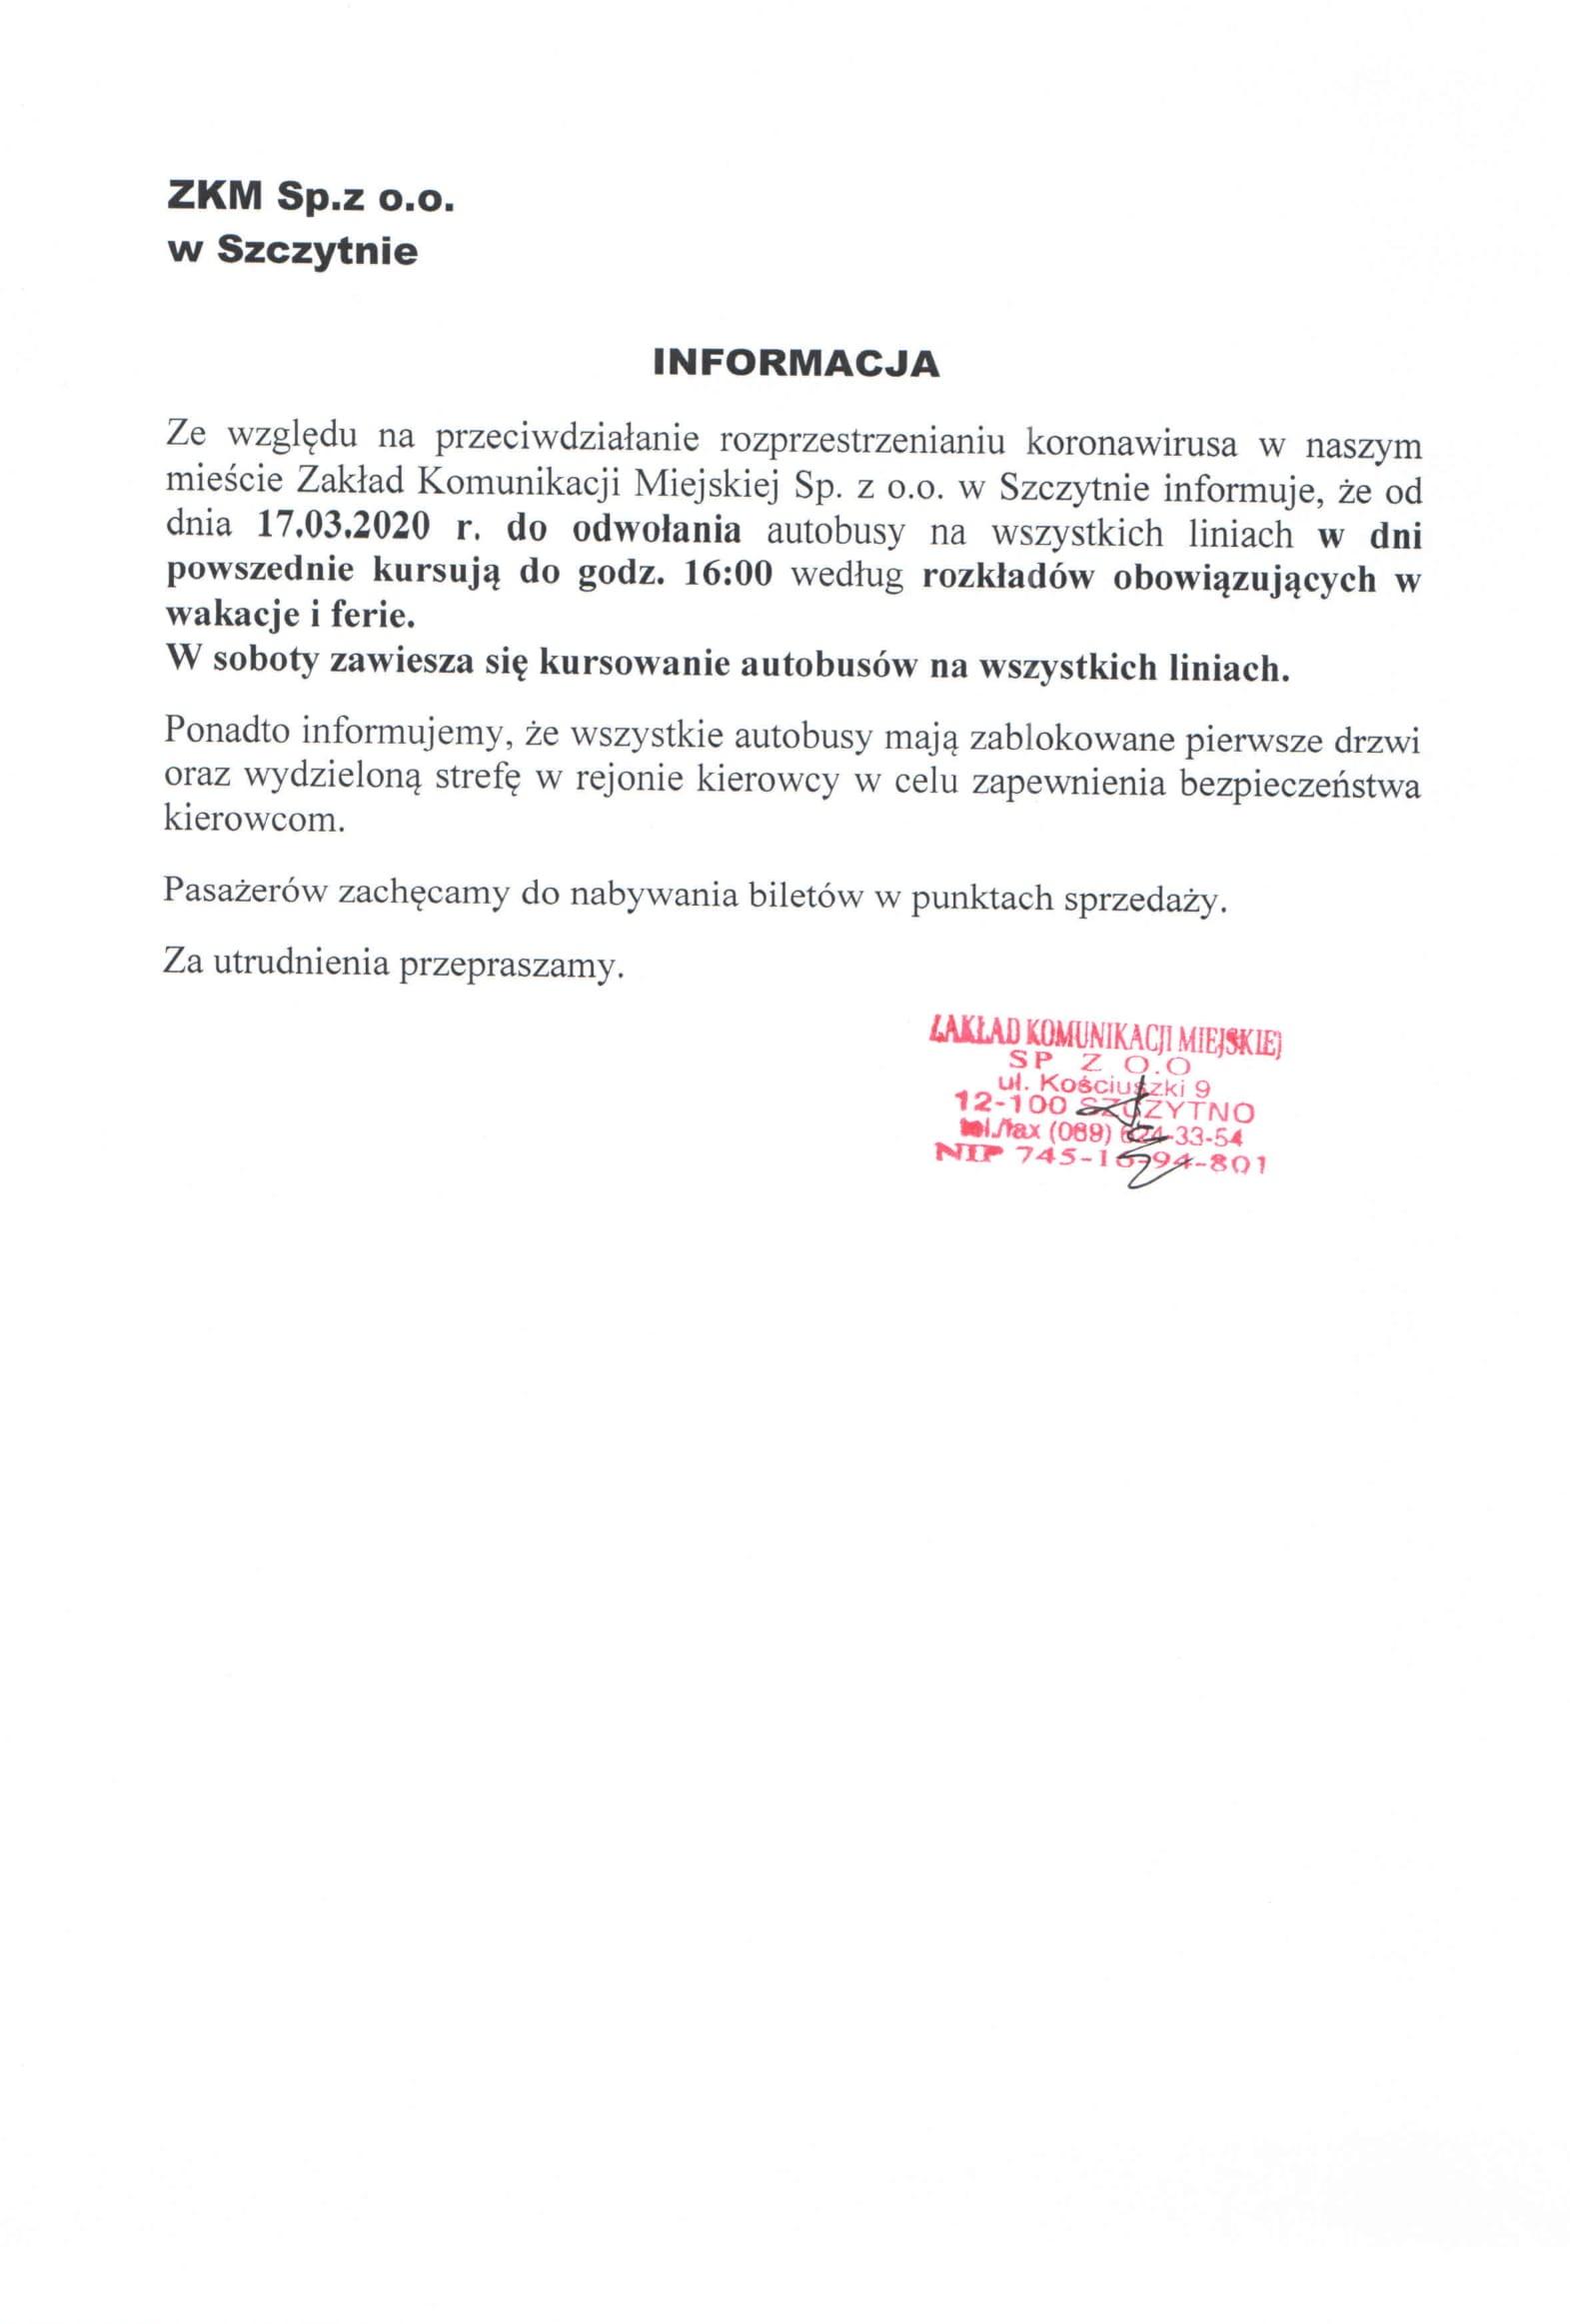 https://m.powiatszczycienski.pl/2020/03/orig/autobusy-1-28682.jpg